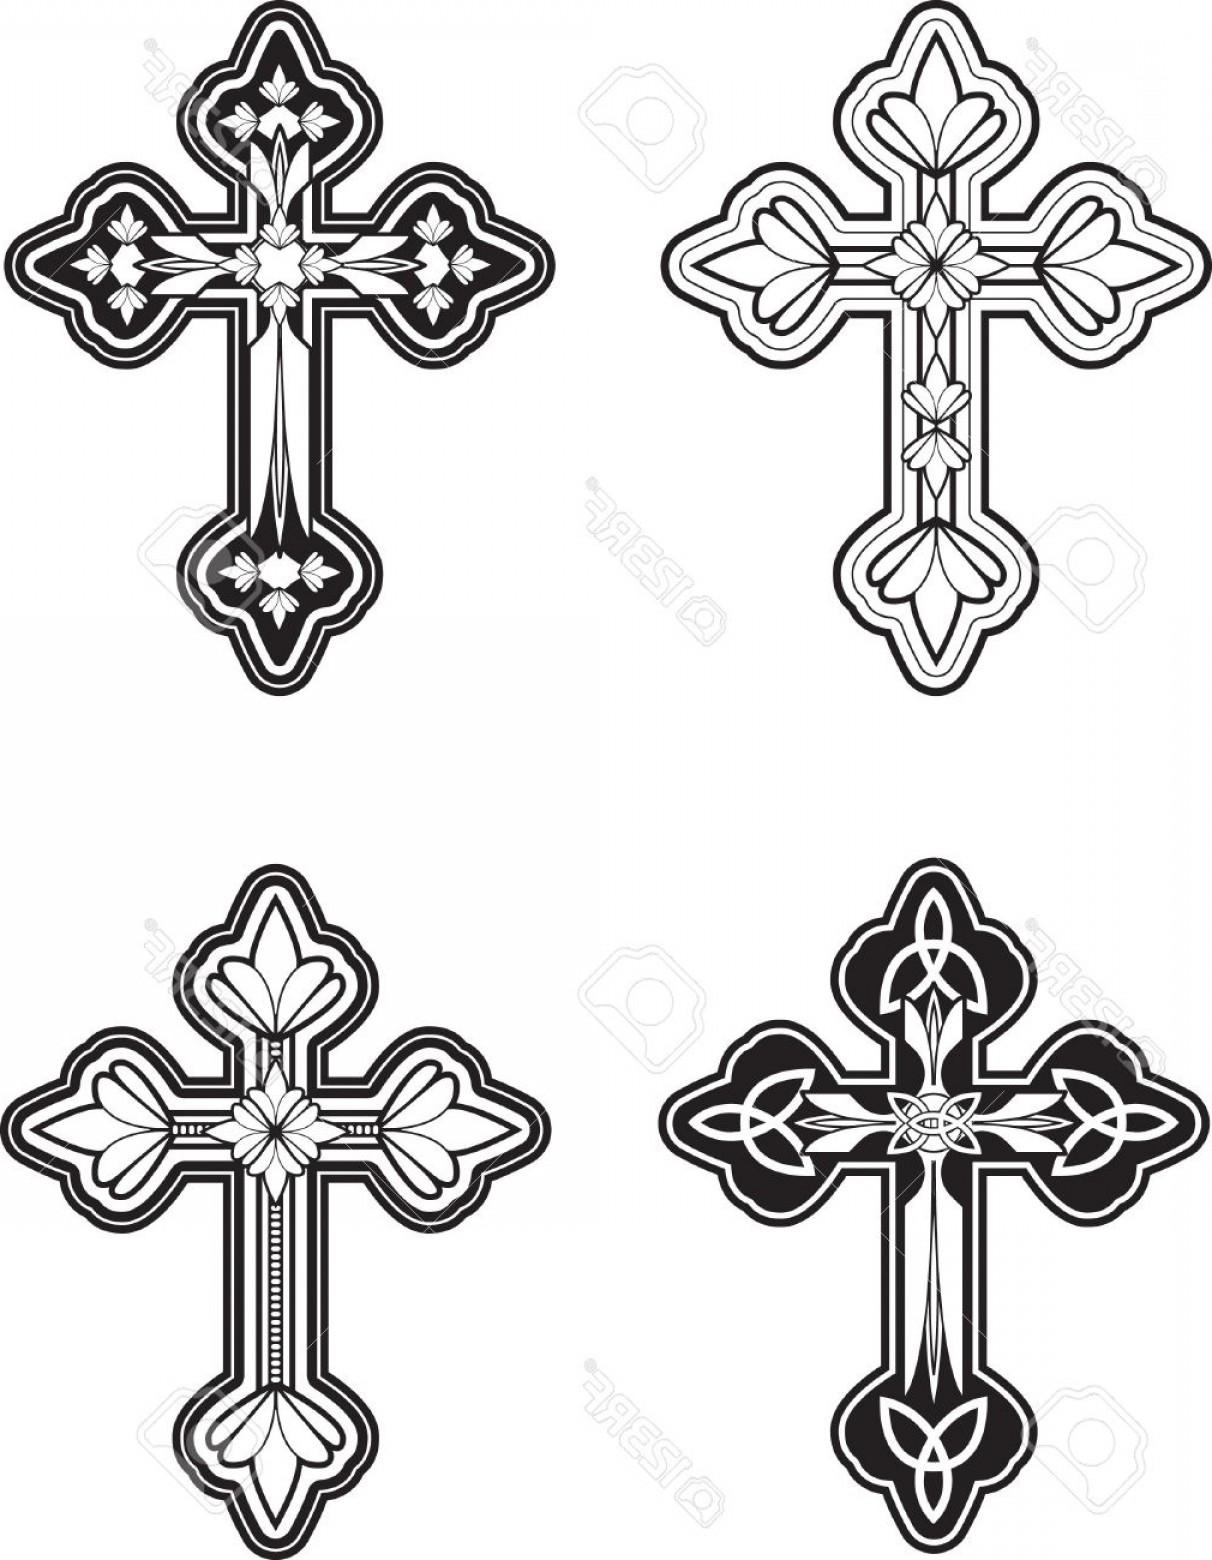 Ornate Cross Vector at GetDrawings.com.